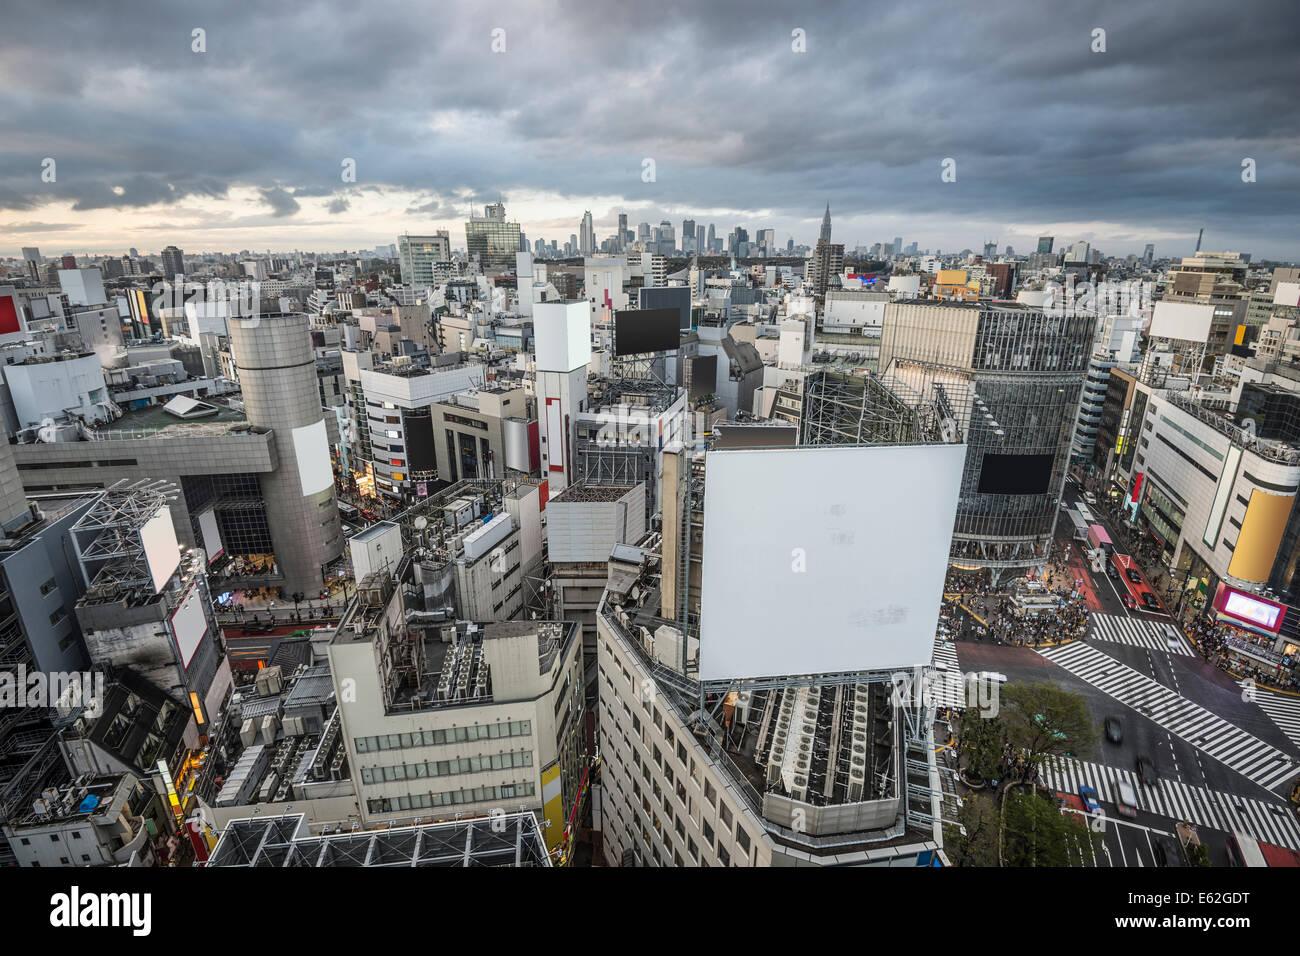 Vista aérea sobre el distrito de Shibuya de Tokio, Japón. Foto de stock